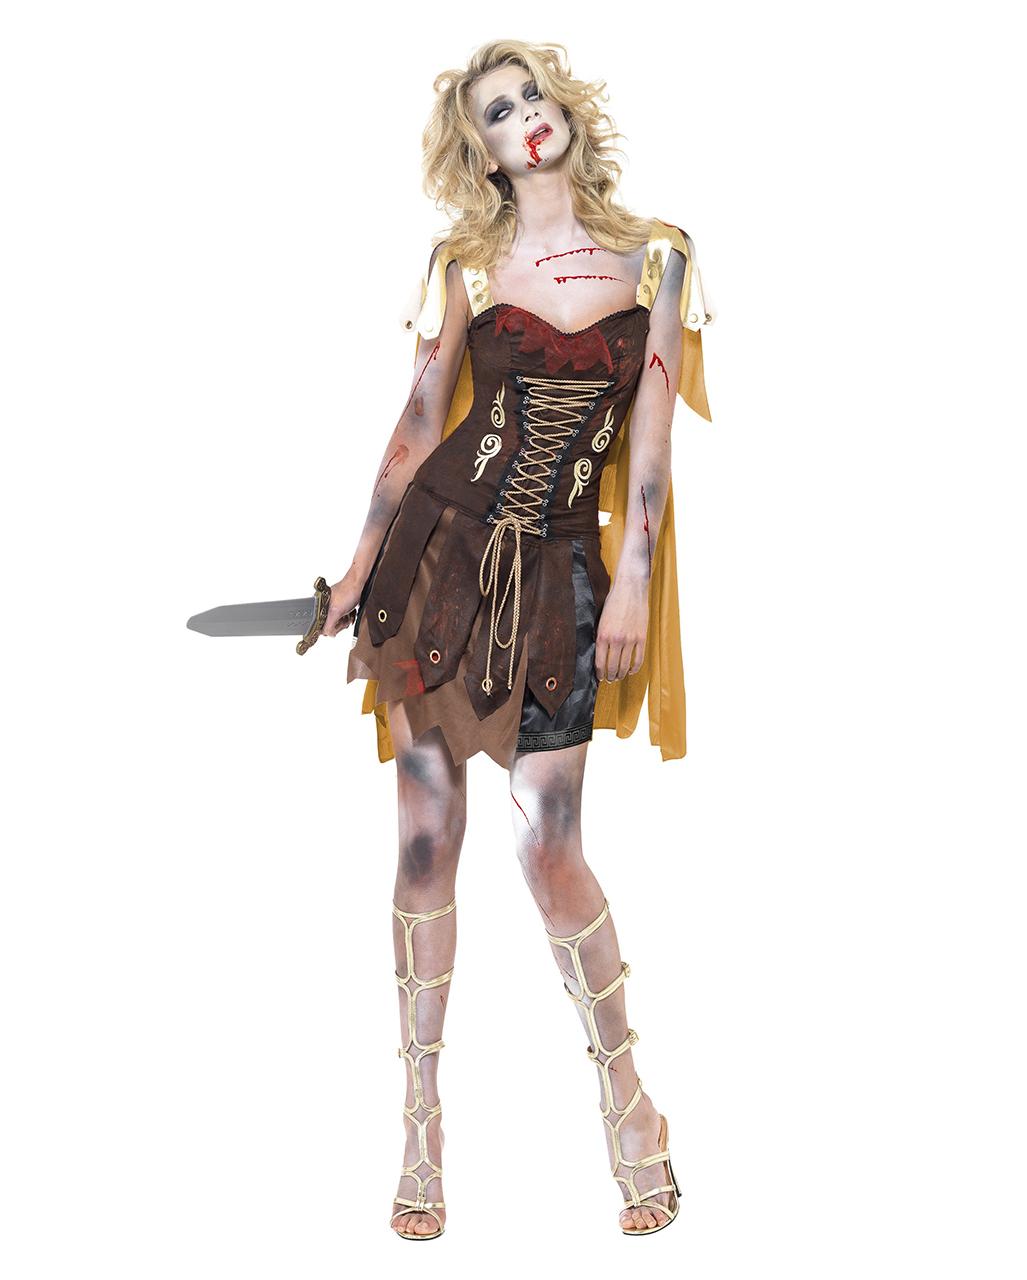 Zombiekostum Kostum Zombie Untot Halloween Horror Fasching Karneval